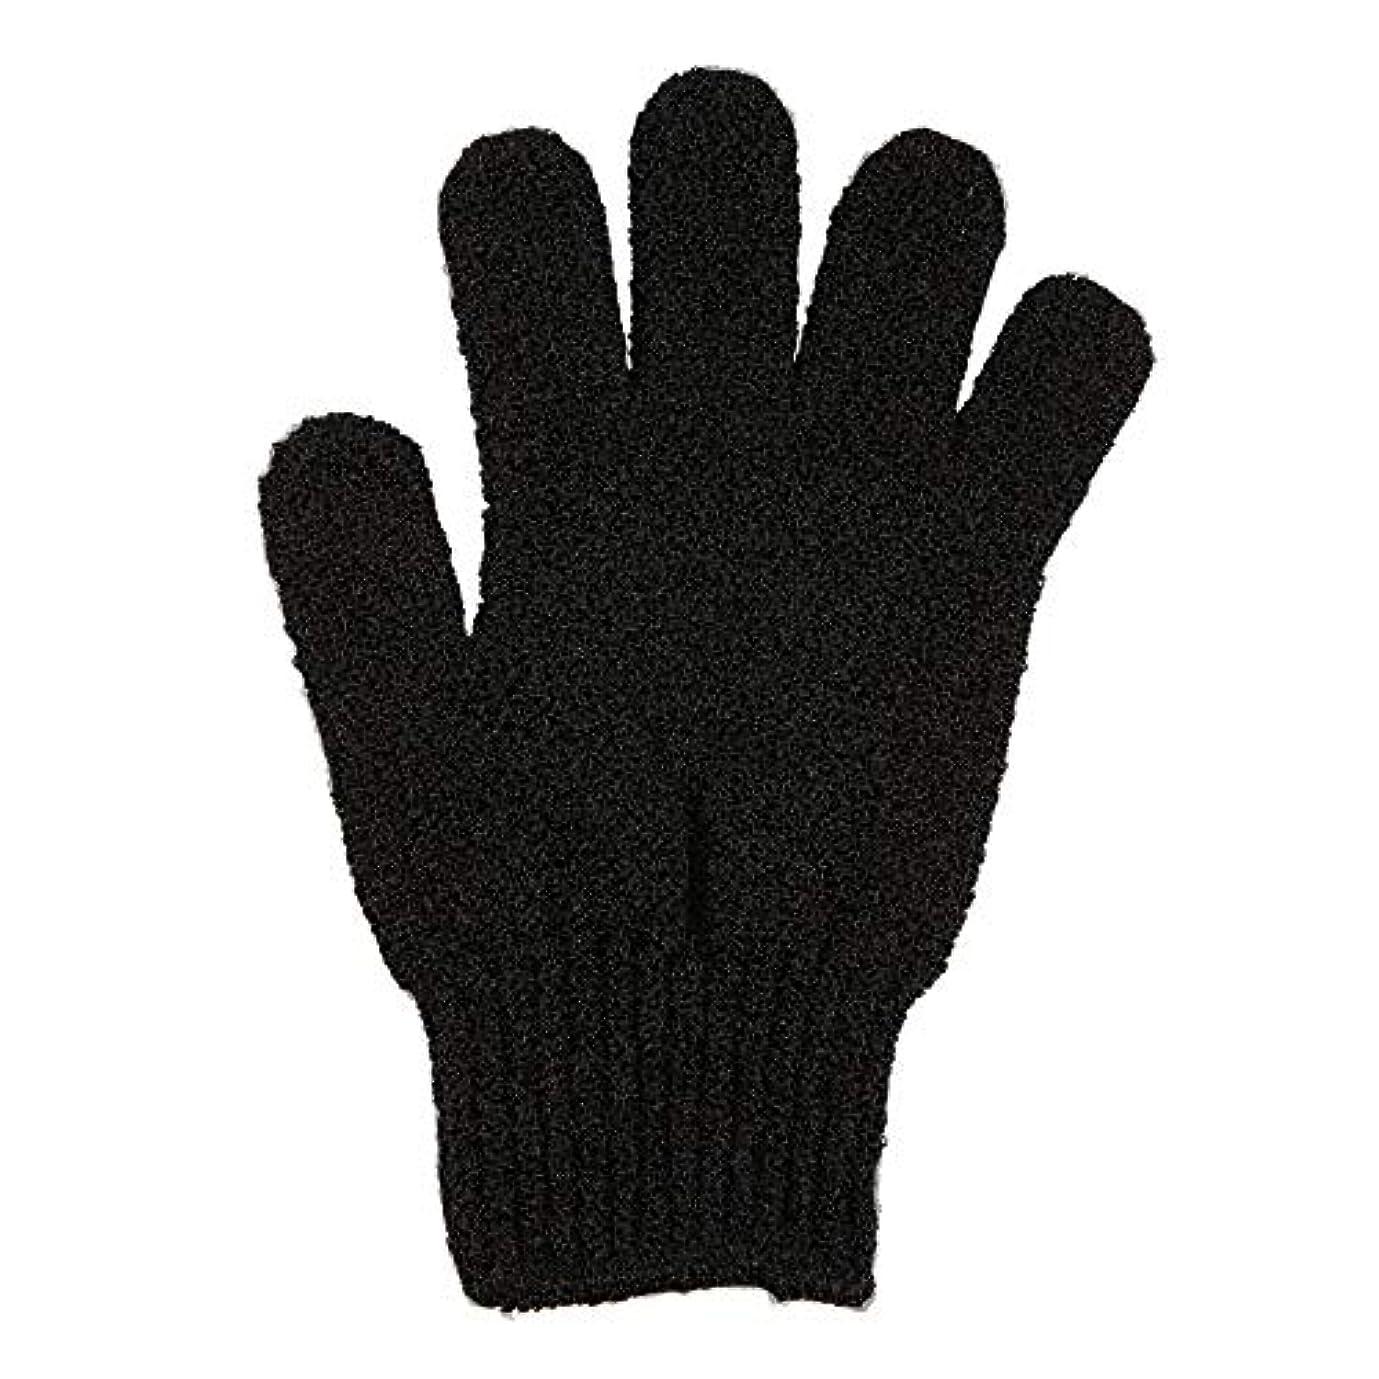 反対したアクション延ばす角質除去手袋フルボディスクラブデッドセルソフトスキン血液循環シャワーバススパ剥離アクセサリー - ブラック